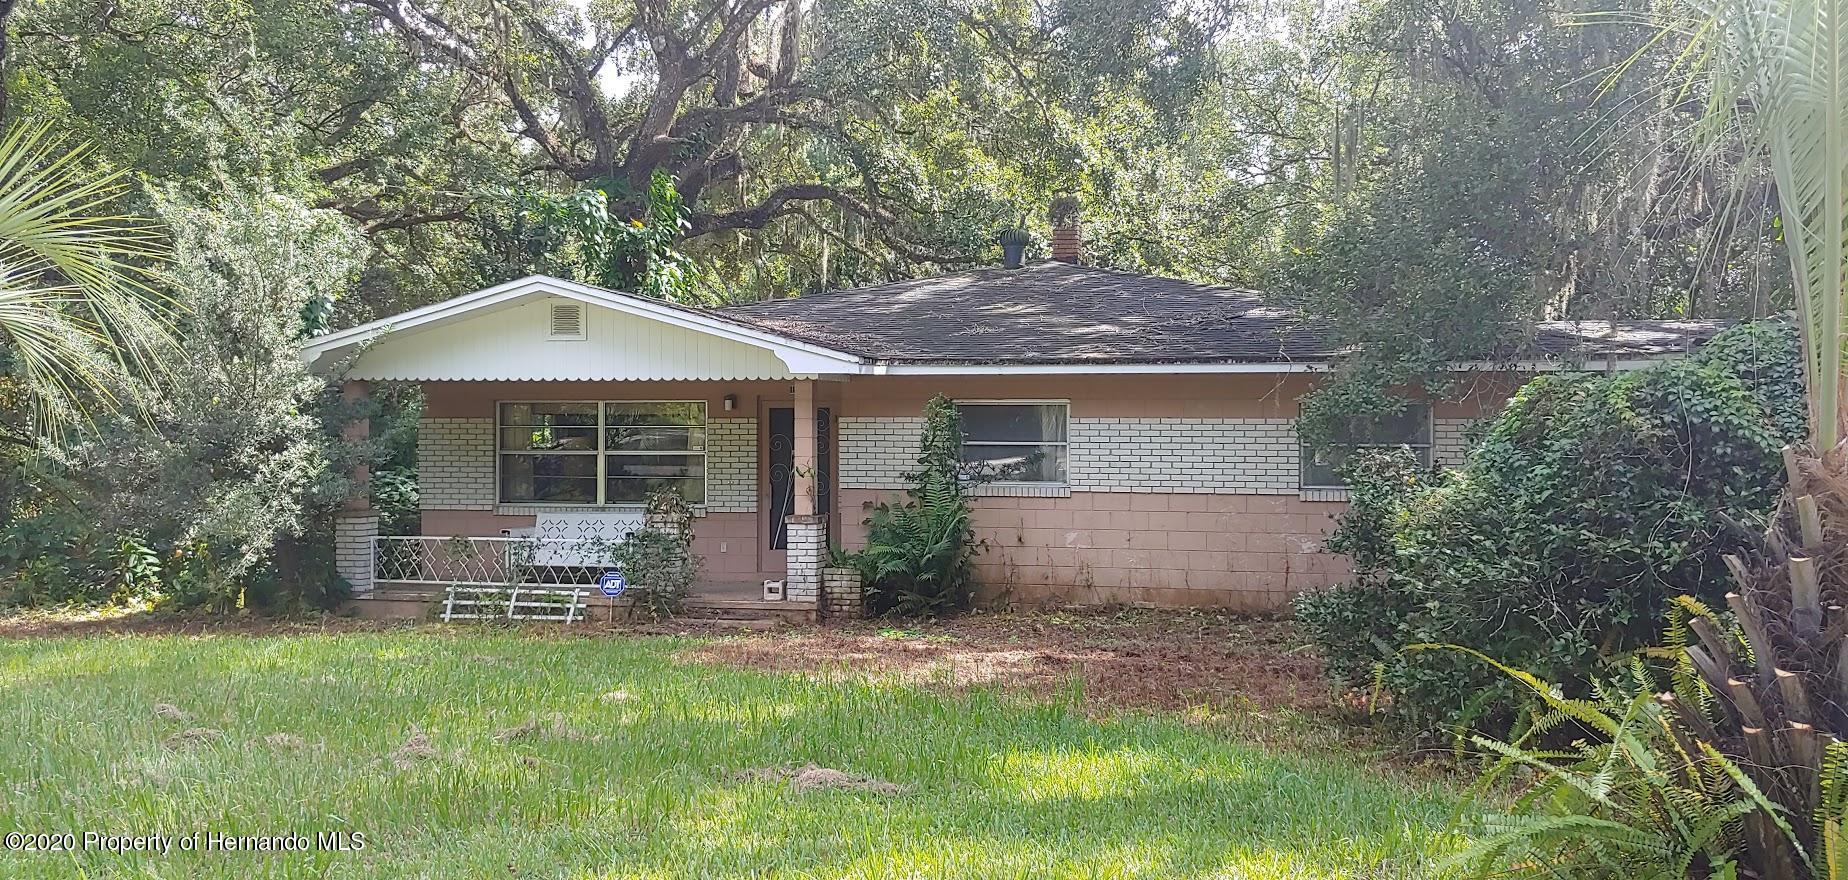 Details for 101 W Dr Martin Luther King Jr Boulevard, Brooksville, FL 34601